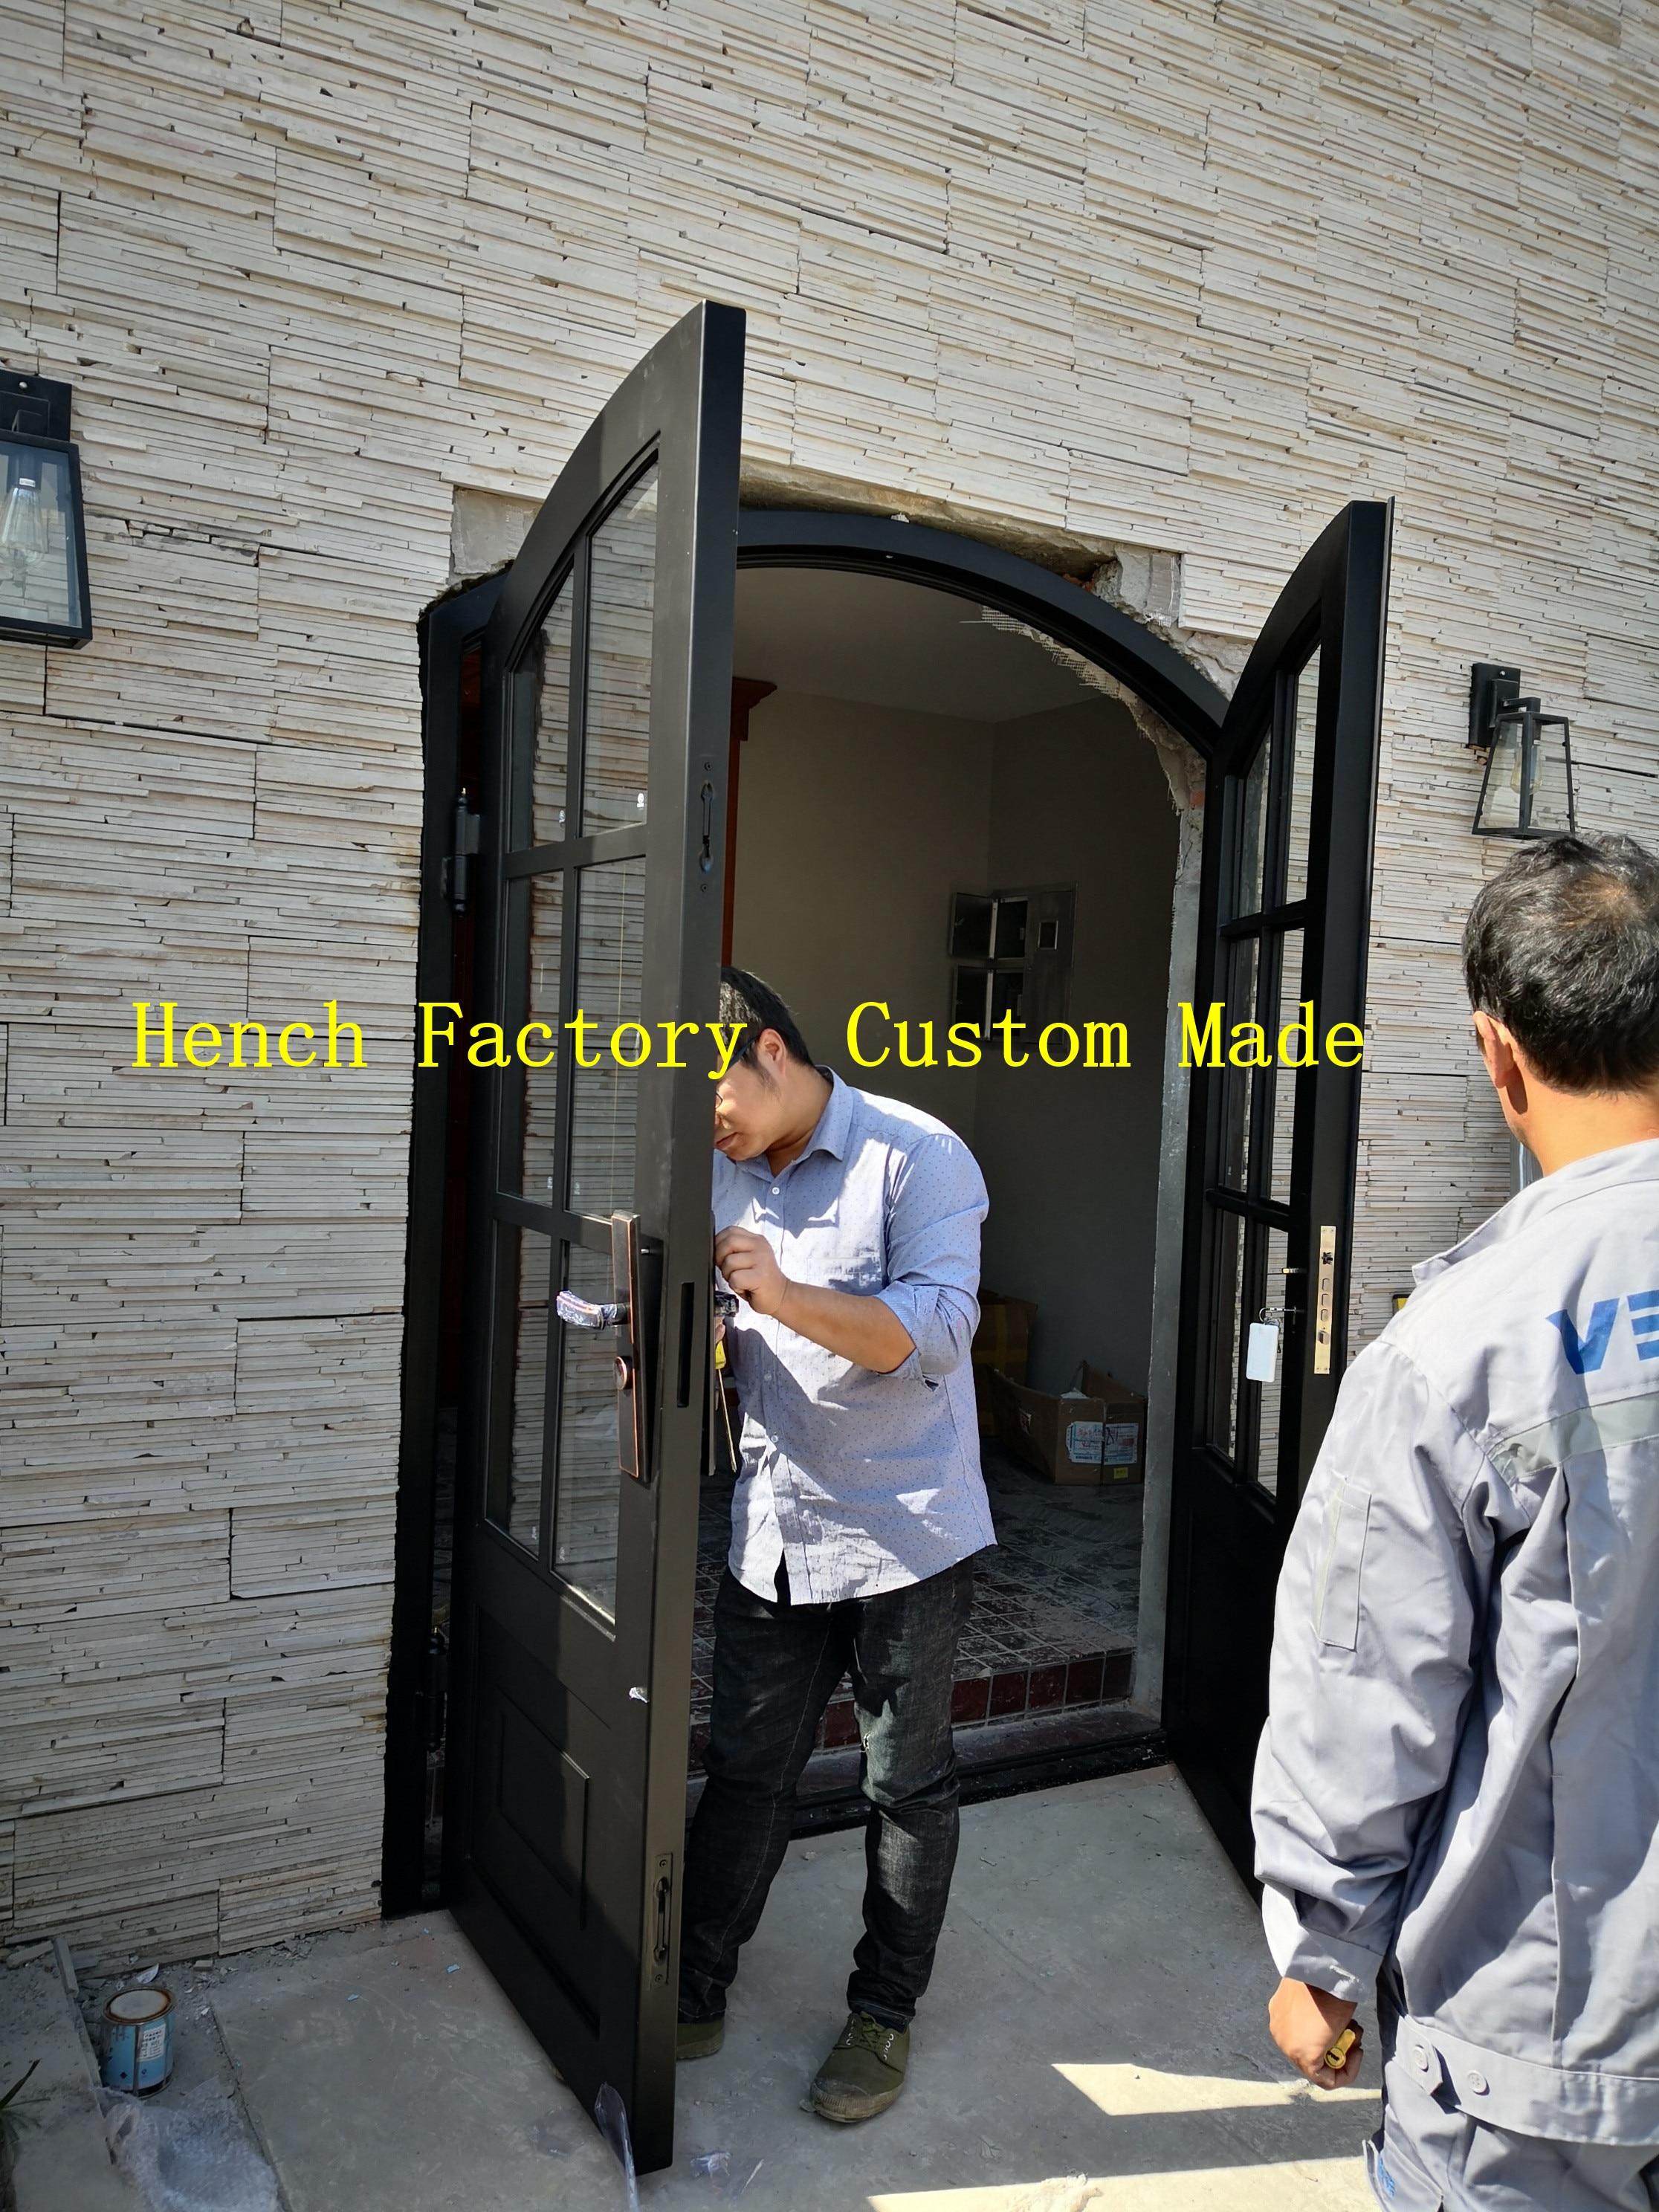 Shanghai Hench Brand China Factory 100% Custom Made Sale Australia Wine Room Doors Wrought Iron